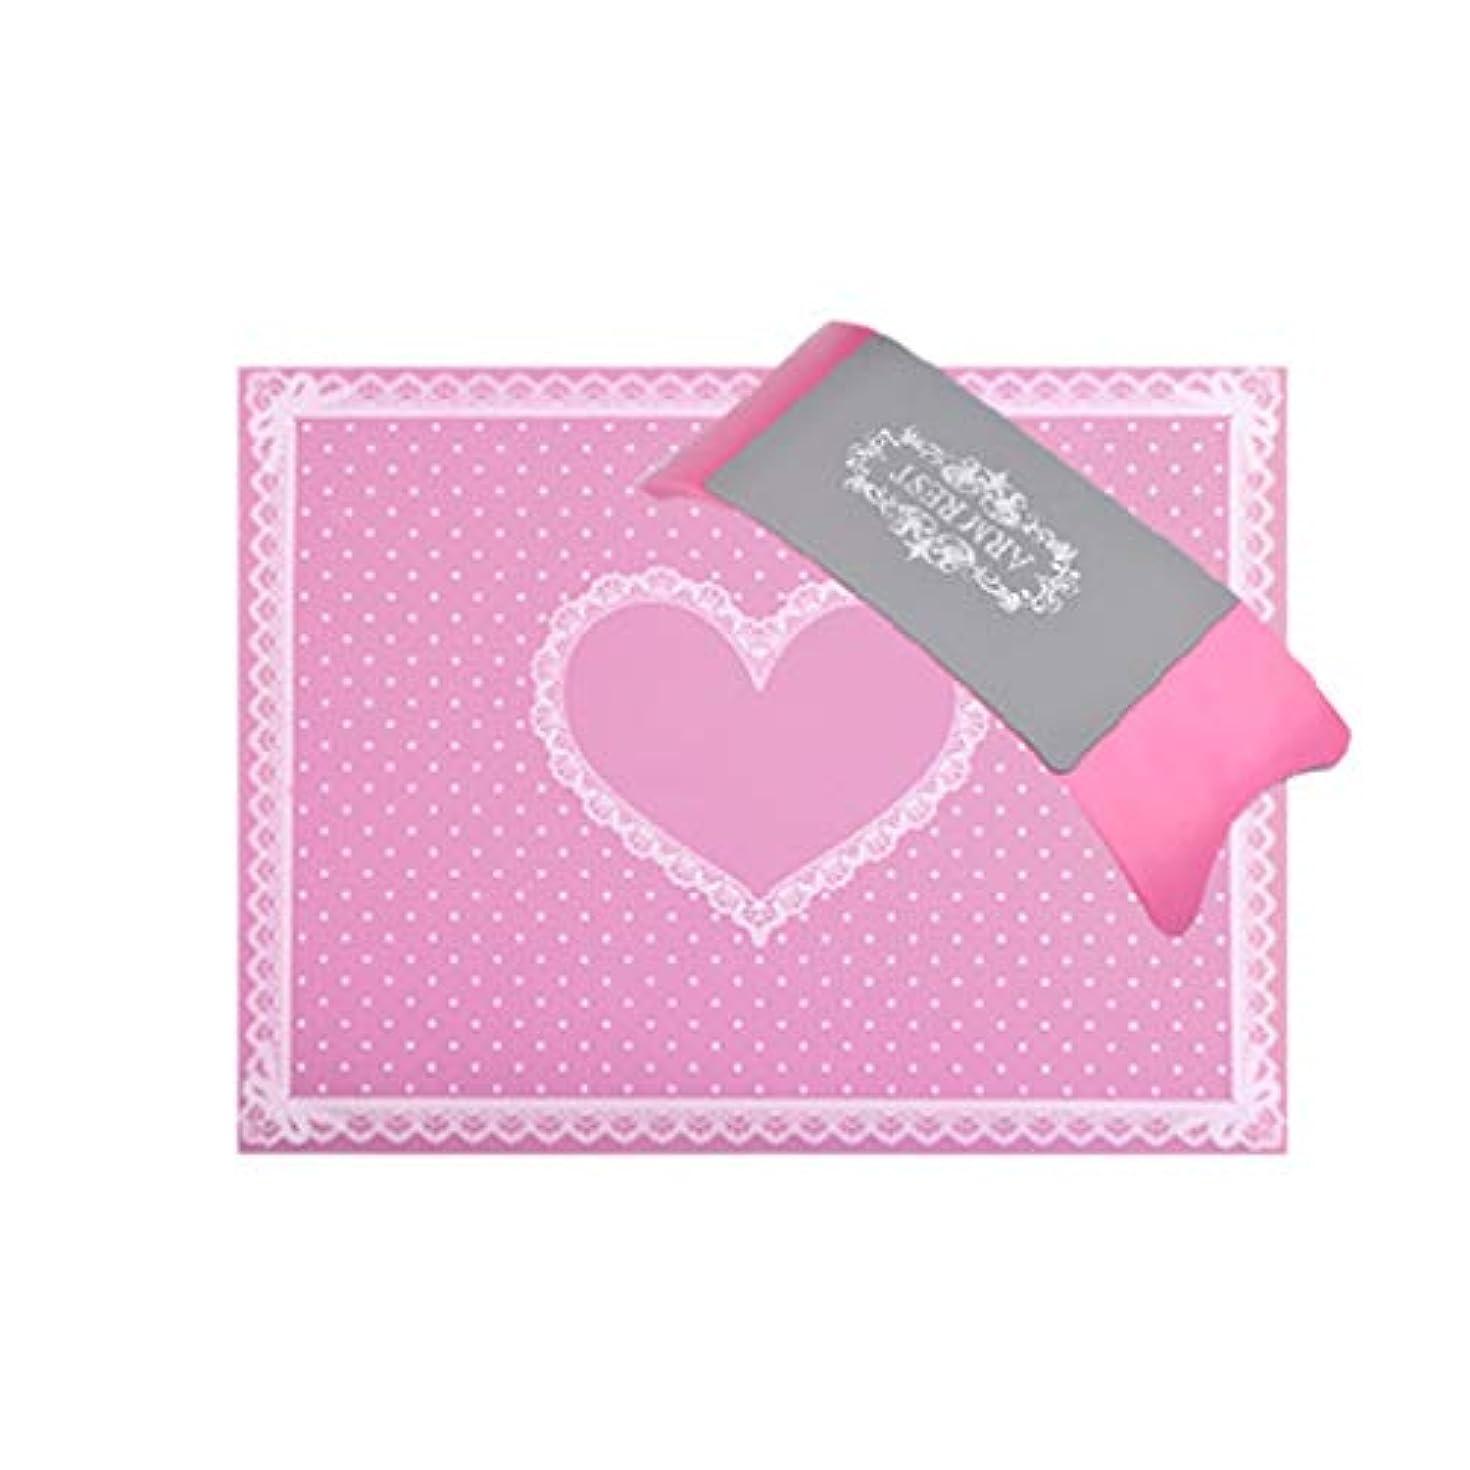 リーガン遅れそばにNerhaily 手の枕 ハンドレスト アームレスト ネイル用 ハンドピロー 手首枕 スポンジクッション 手首をサポート 柔らかい 美容院 美容室 サロン 洗え 5色選択可 (ピンク)